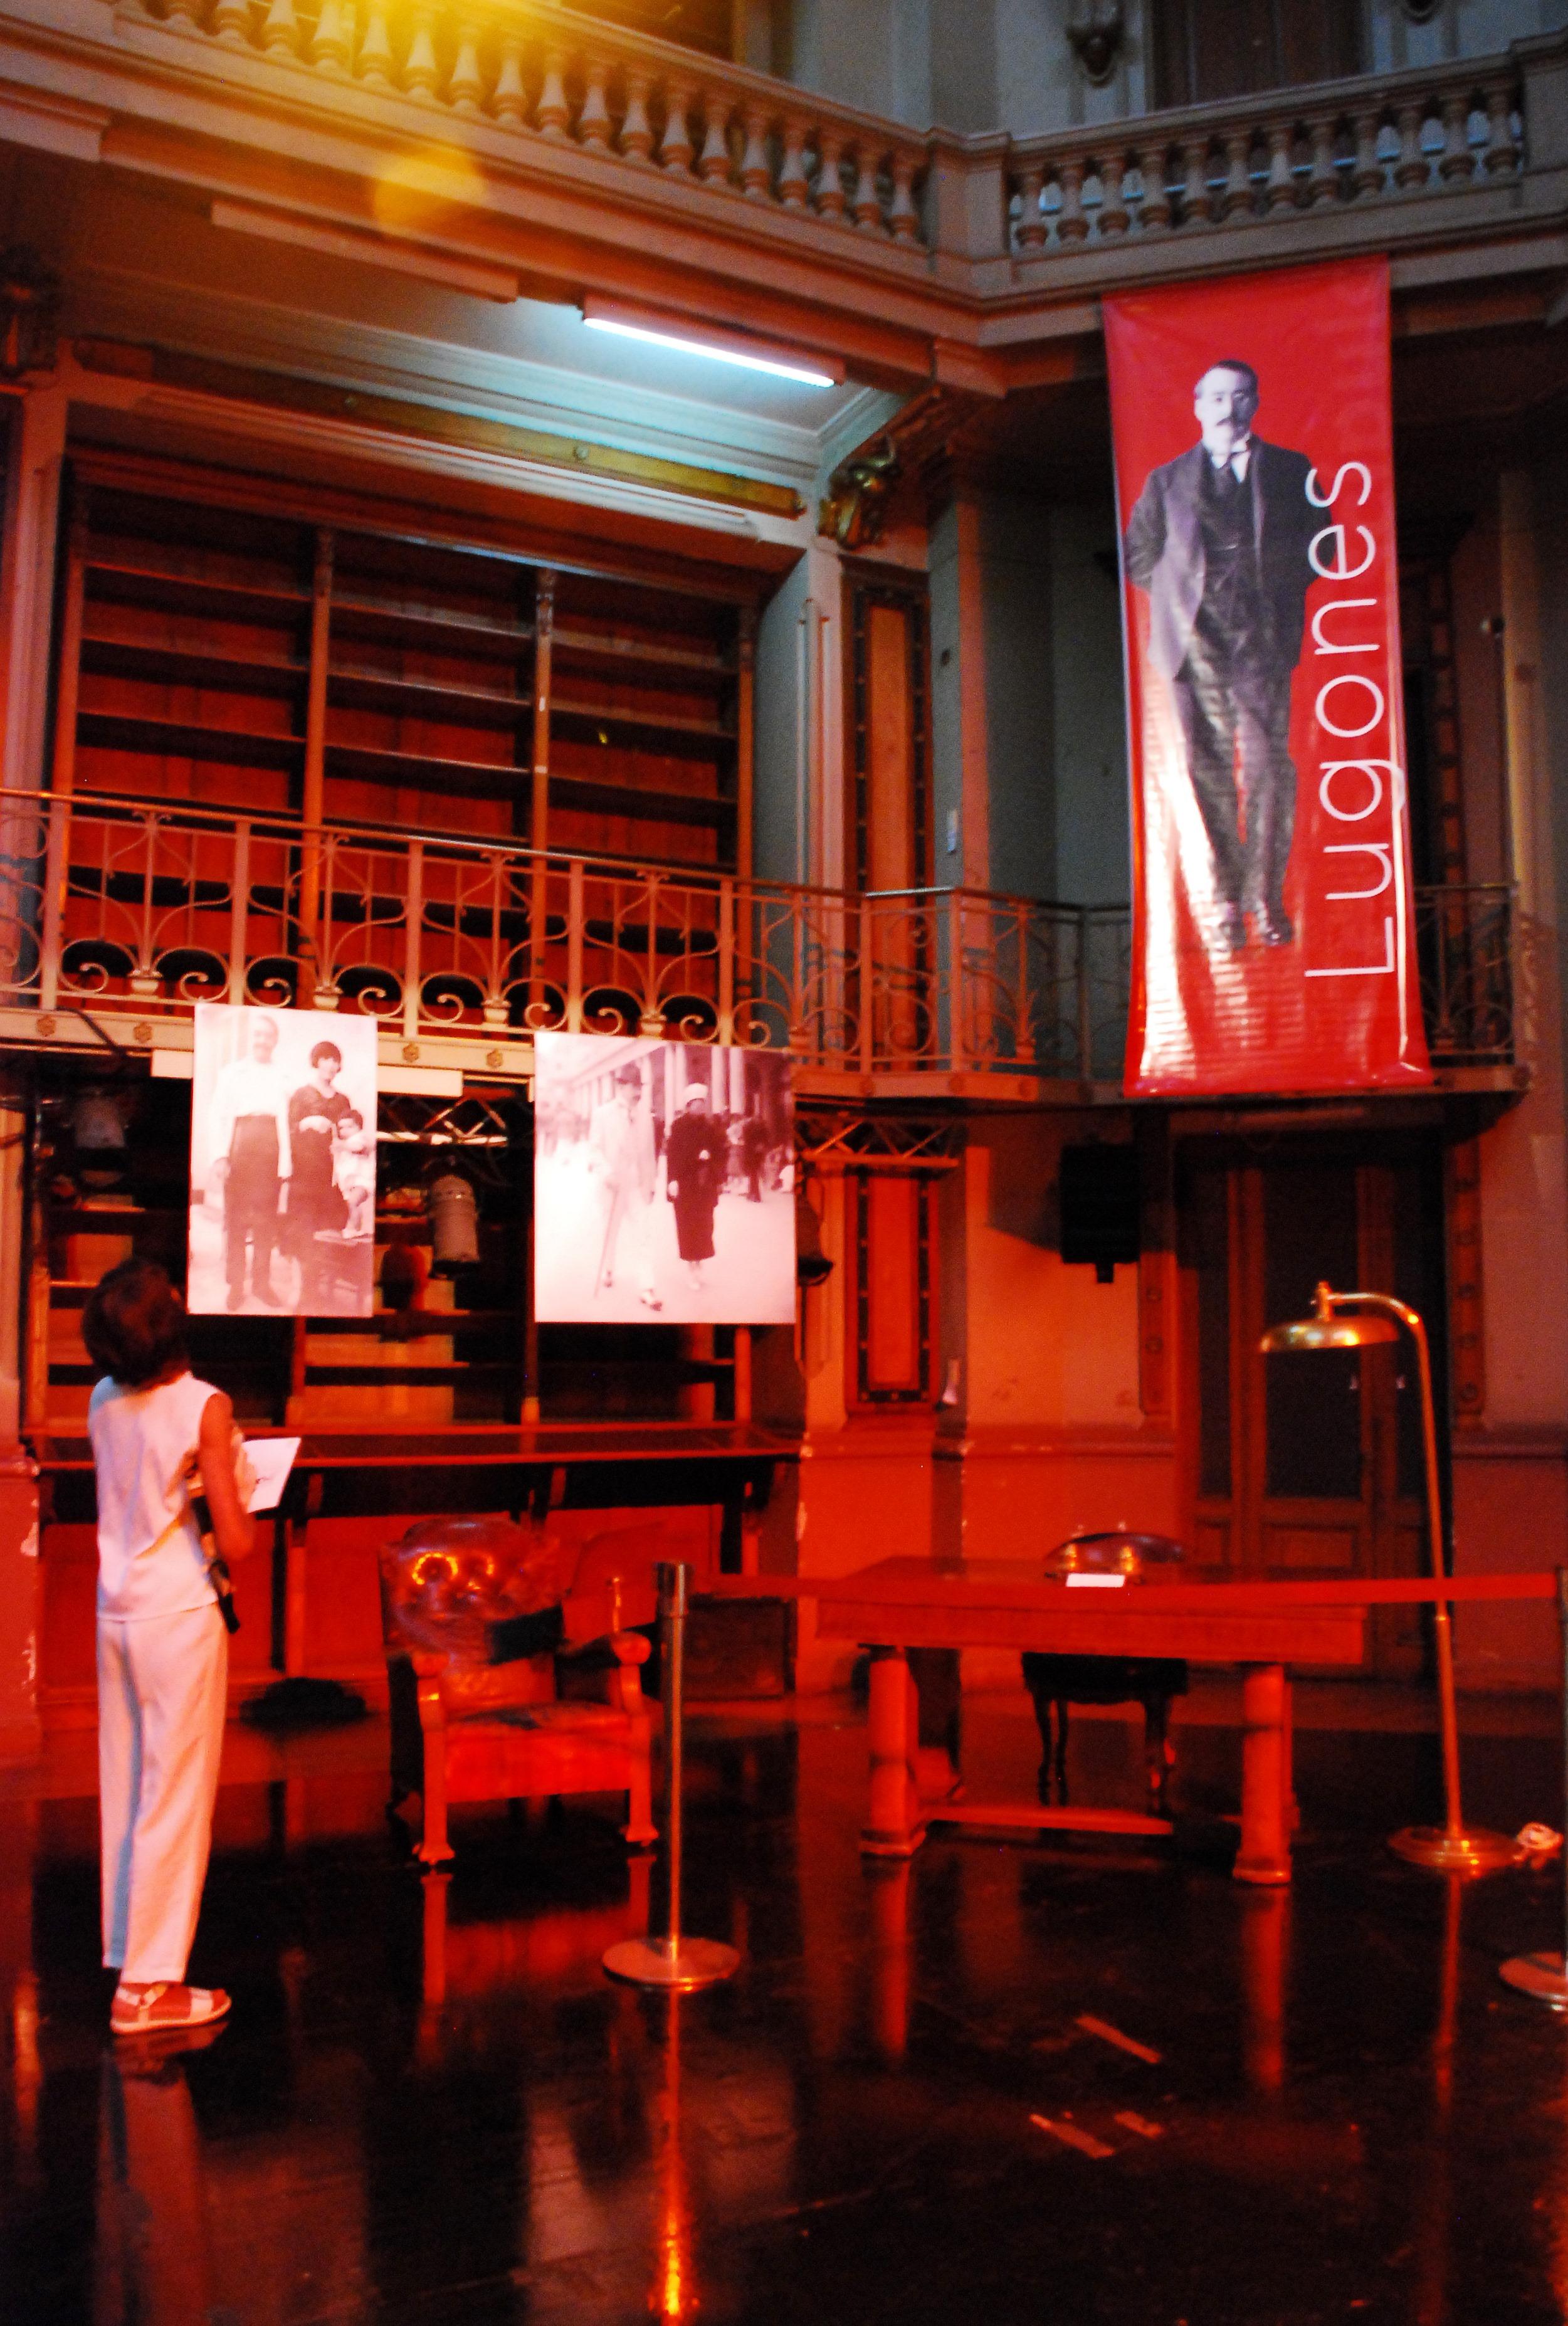 Fotografía de la exposición realizada con motivos del 80 aniversario del fallecimiento de Leopoldo Lugones. Muestra el escritorio del escritor, el sillón, fotos y una persona mirando la exposición.